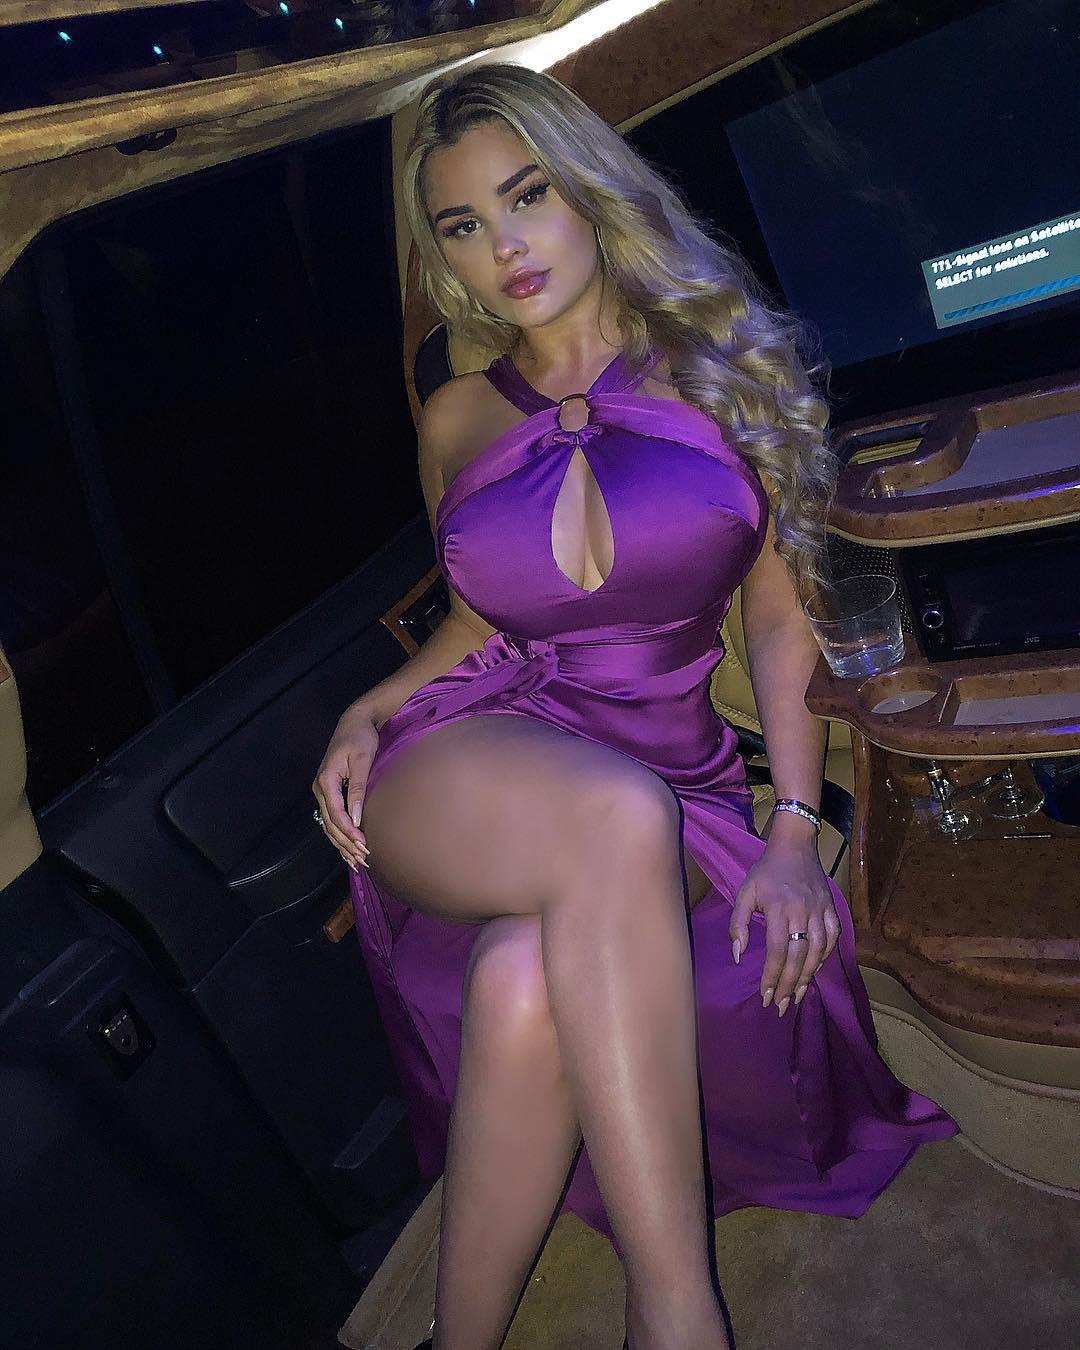 Анастасия Квитко фото в платье с открытыми ногами